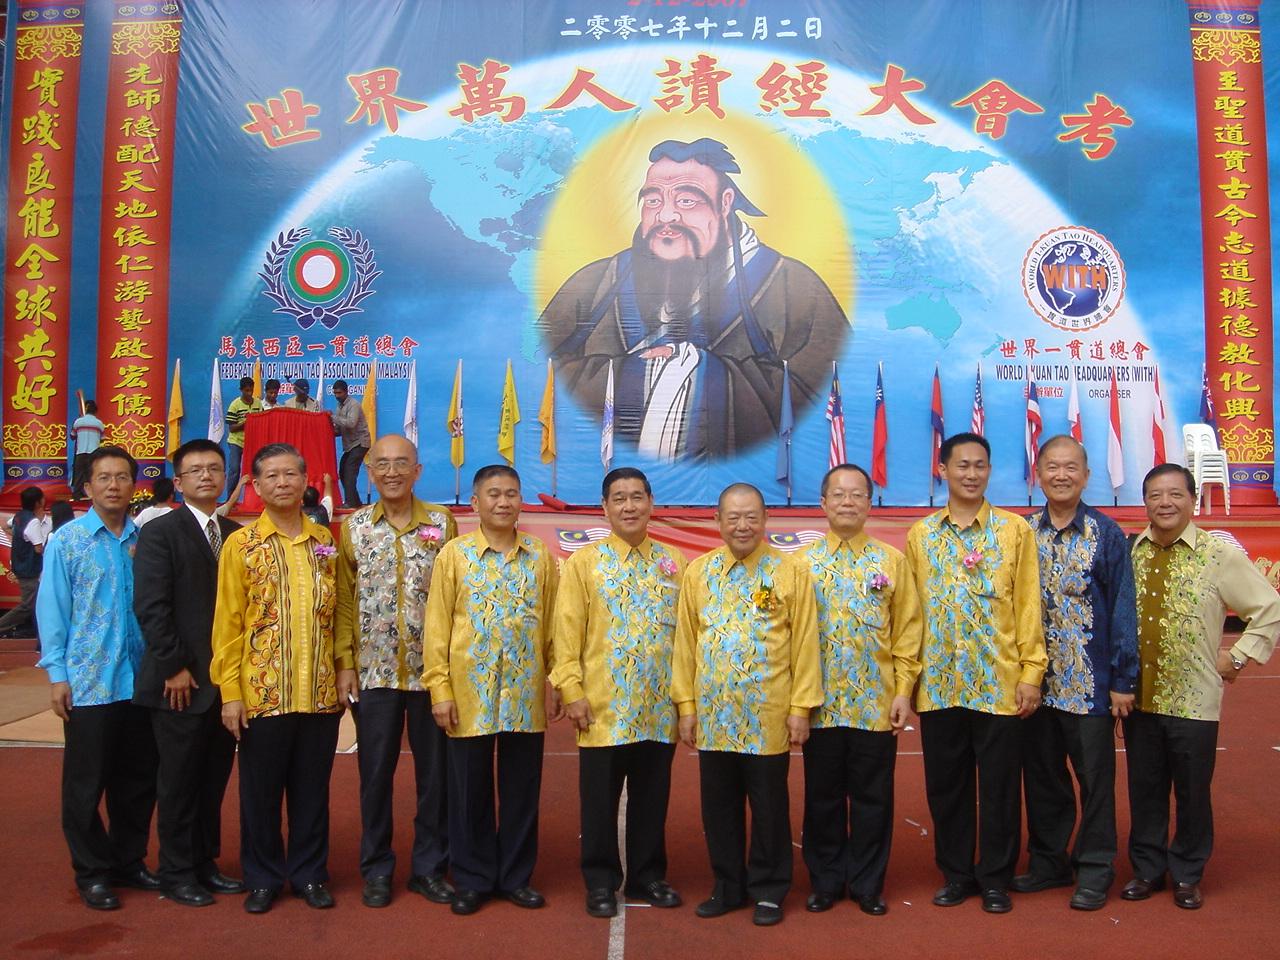 馬來西亞世界萬人讀經會考 2007.12.02